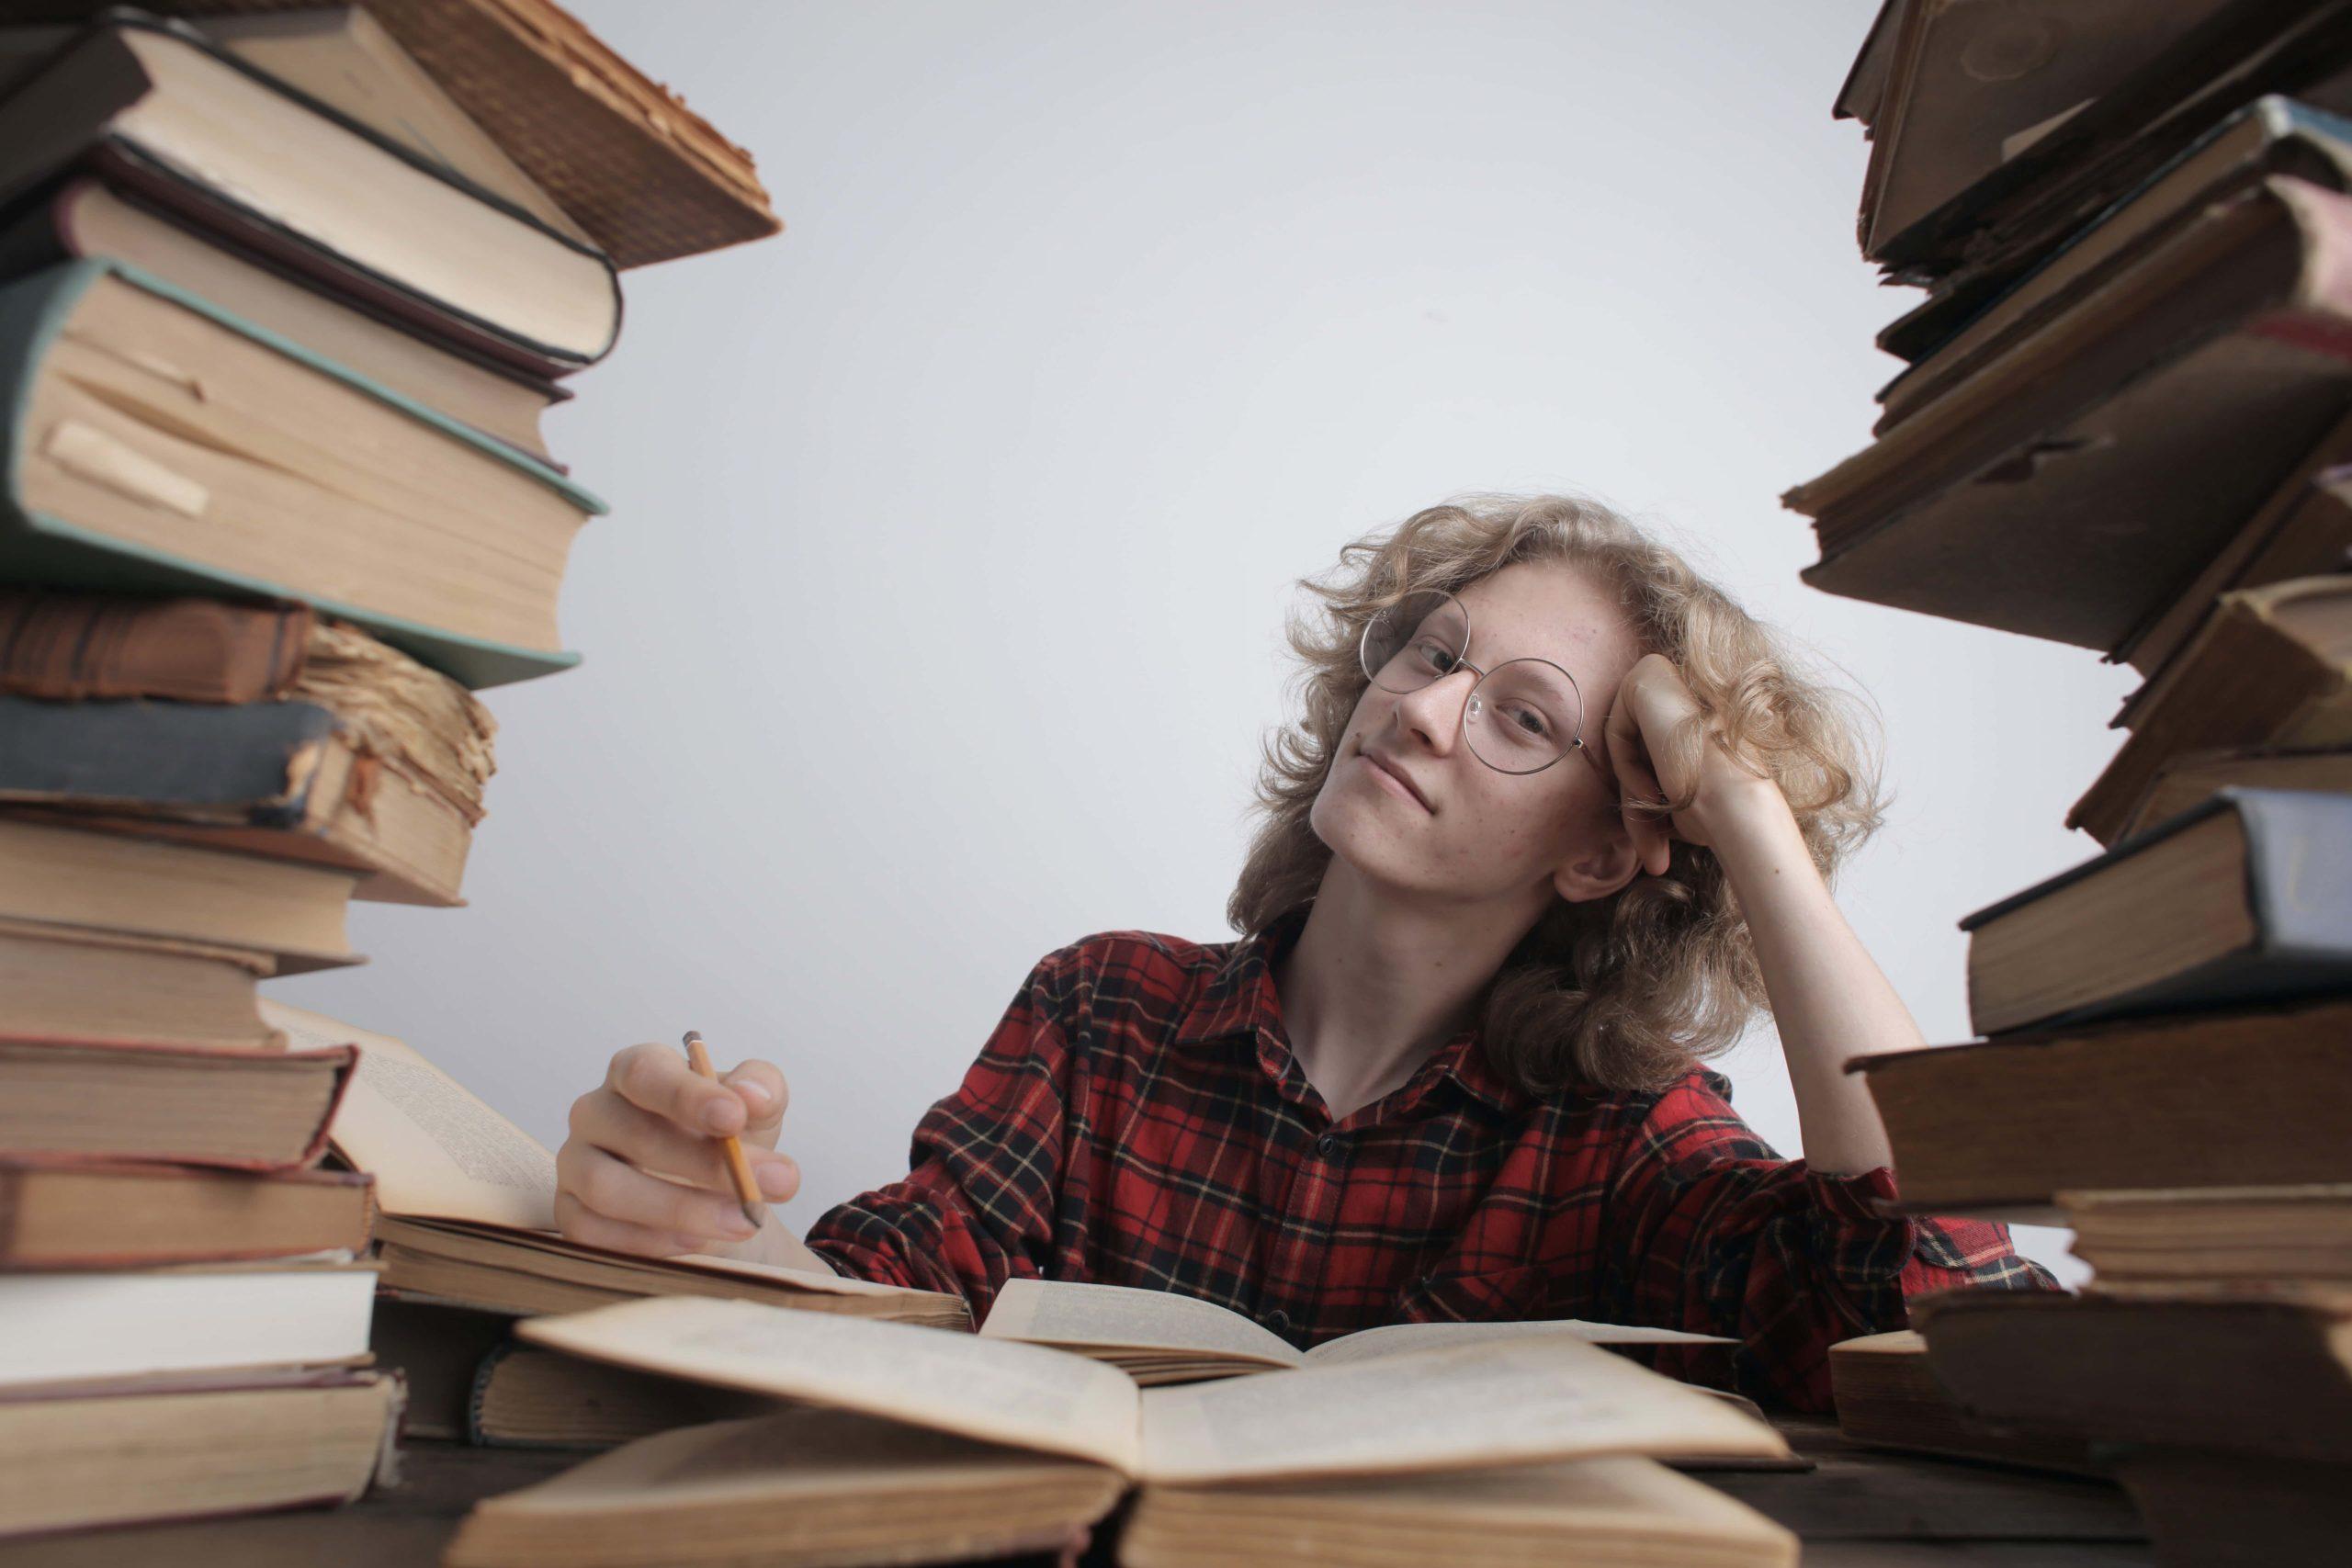 社会人として読んでおいた方がいい本